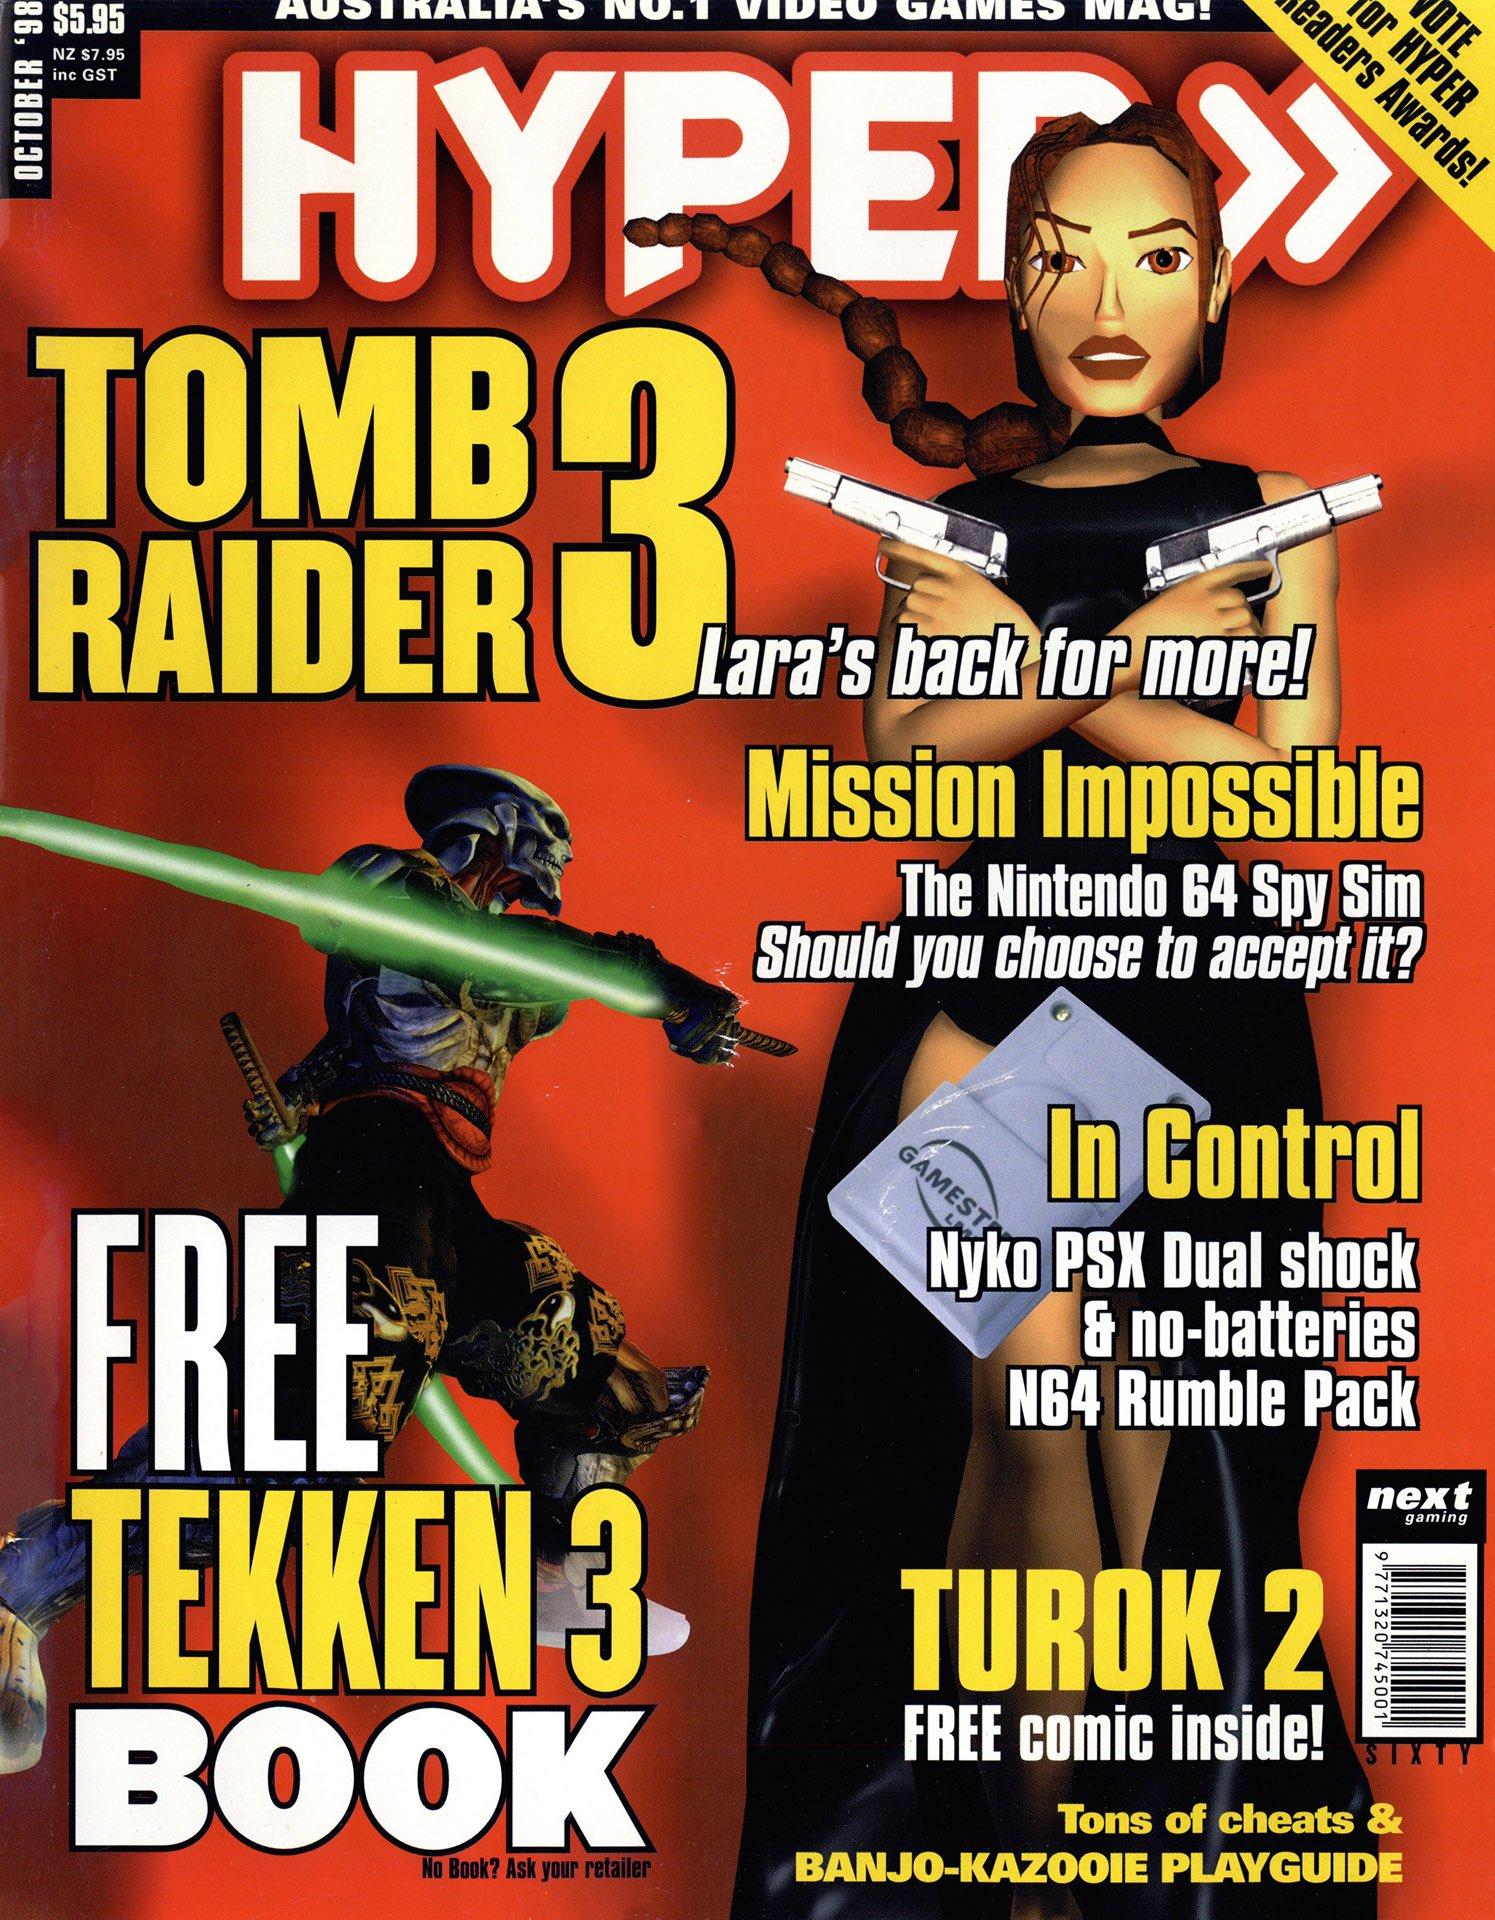 Hyper 060 (October 1998)